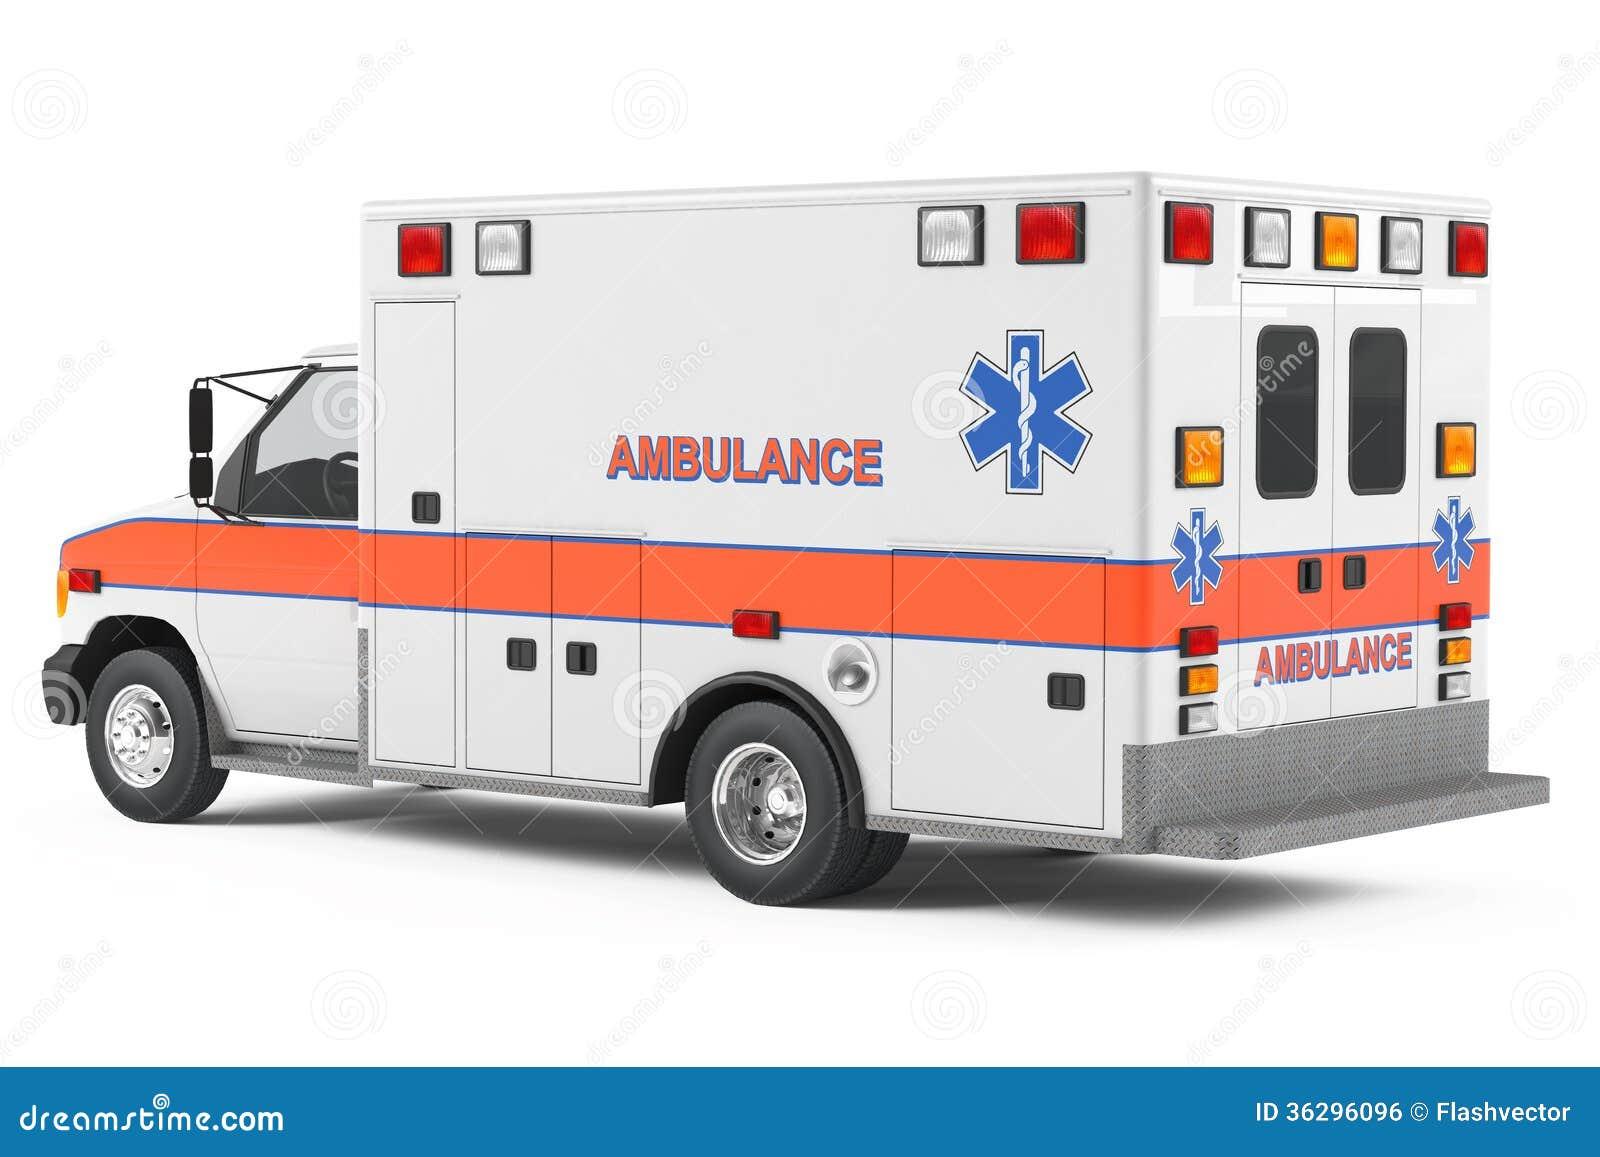 ambulance car back royalty free stock image image 36296096